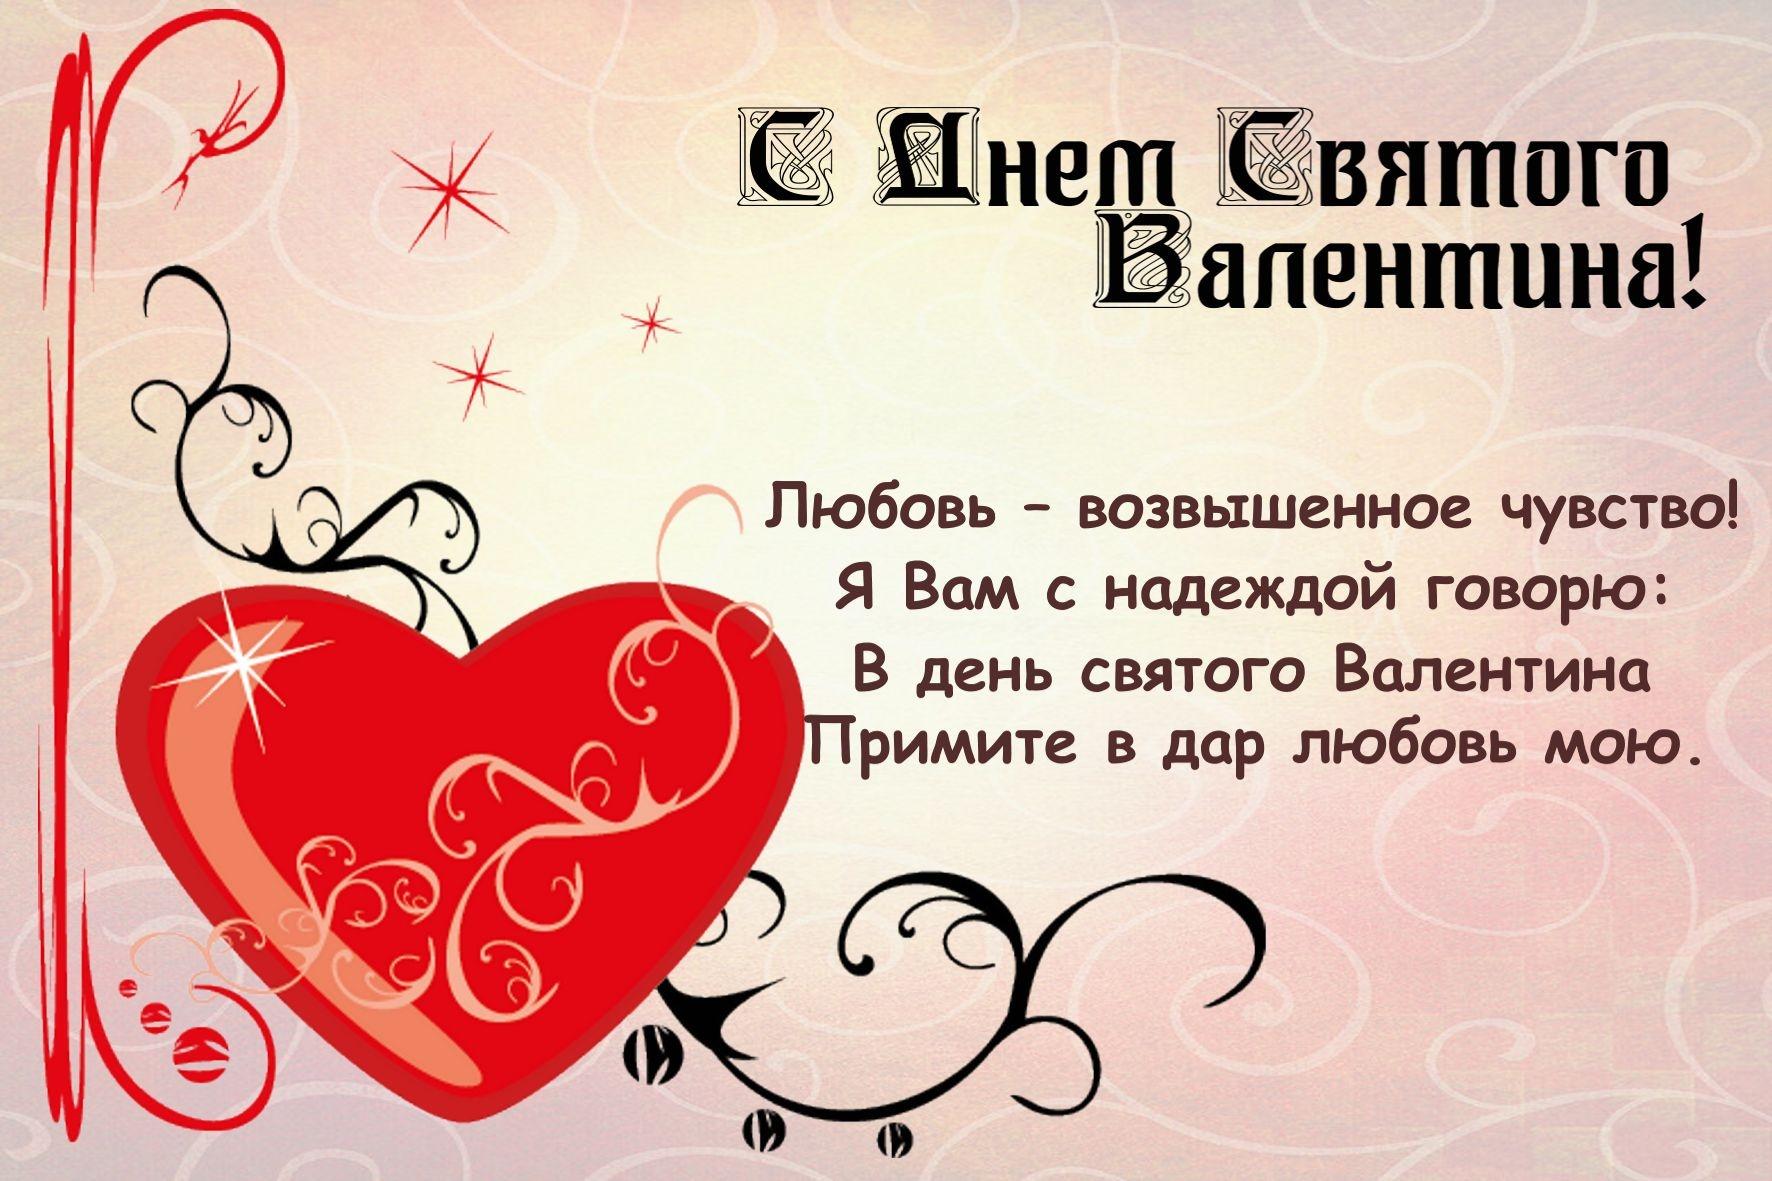 Поздравление к дню валентина смс